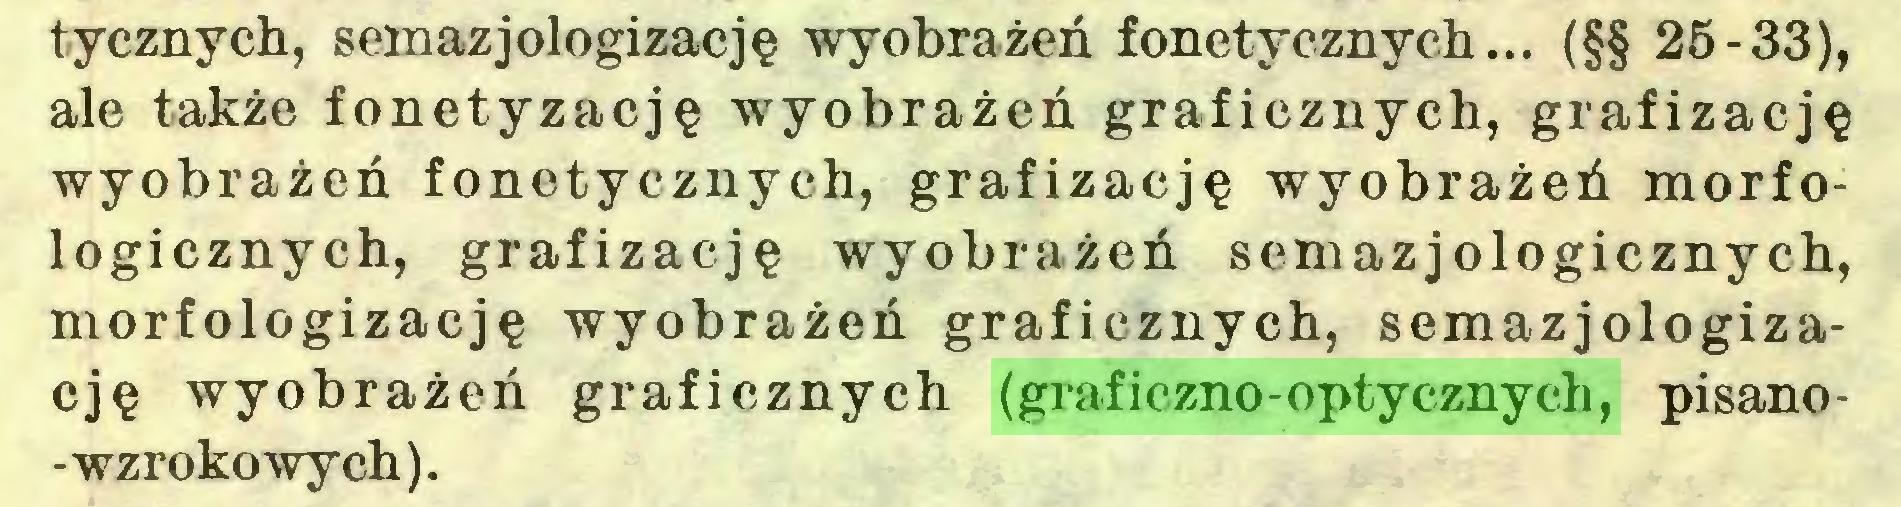 (...) tycznych, semazjologizację wyobrażeń fonetycznych... (§§ 25-33), ale także fonetyzację wyobrażeń graficznych, grafizację wyobrażeń fonetycznych, grafizację wyobrażeń morfologicznych, grafizację wyobrażeń semazjologicznych, morfologizację wyobrażeń graficznych, semazjologizację wyobrażeń graficznych (graficzno-optycznych, pisano-wzrokowych)...